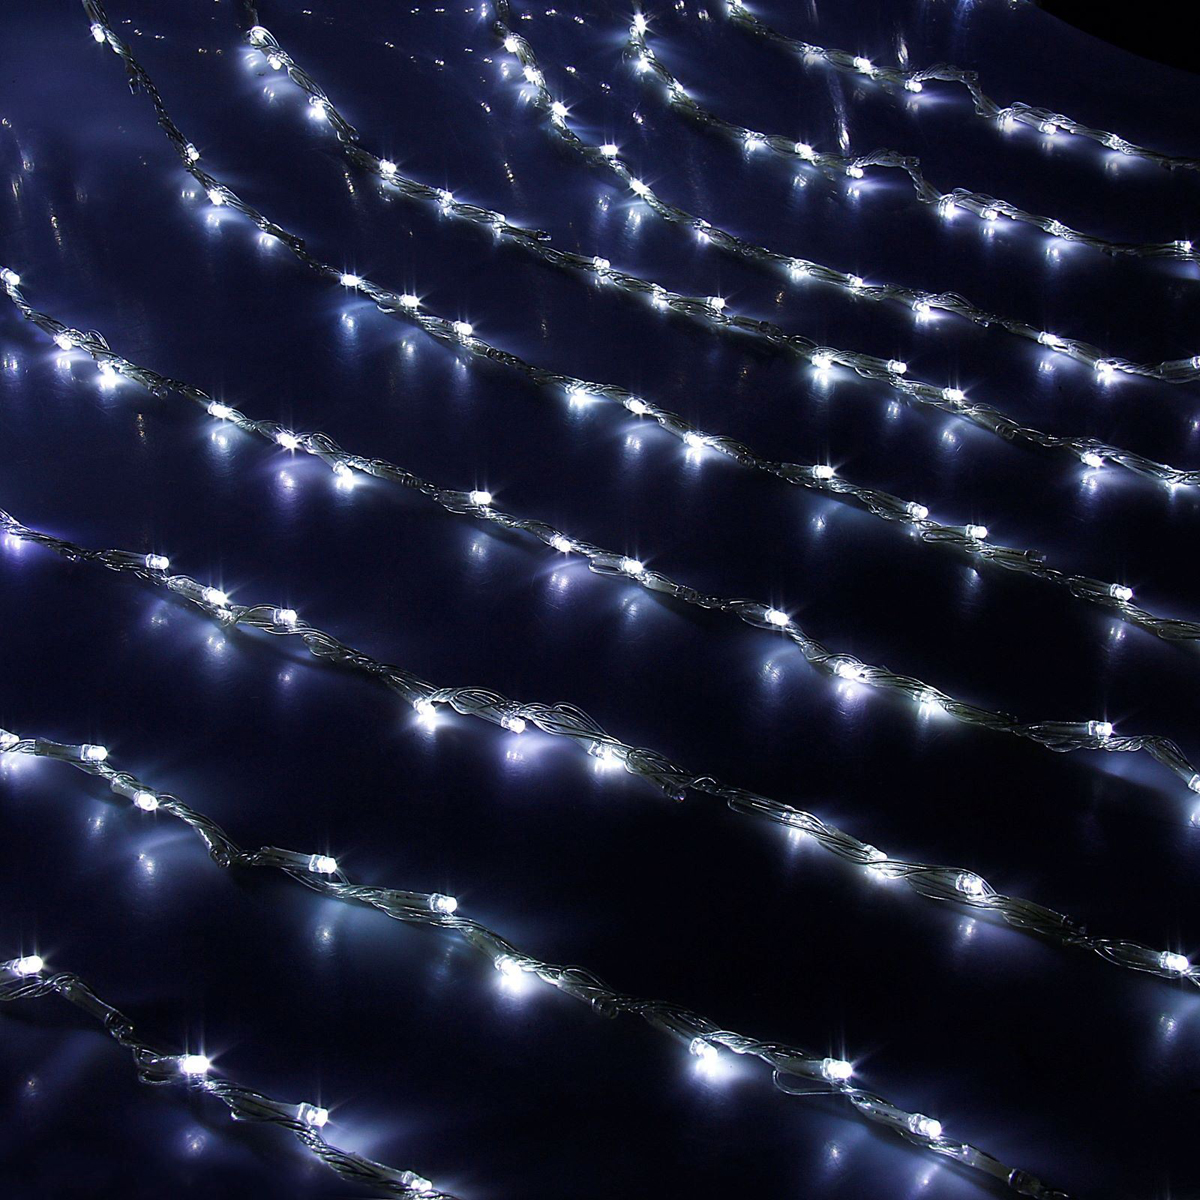 Гирлянда светодиодная Luazon Дождь, 400 ламп, 8 режимов, 220 V, 2 х 1,5 м, цвет: белый. 671639 гирлянда luazon дождь 2m 1 5m multicolor 671638